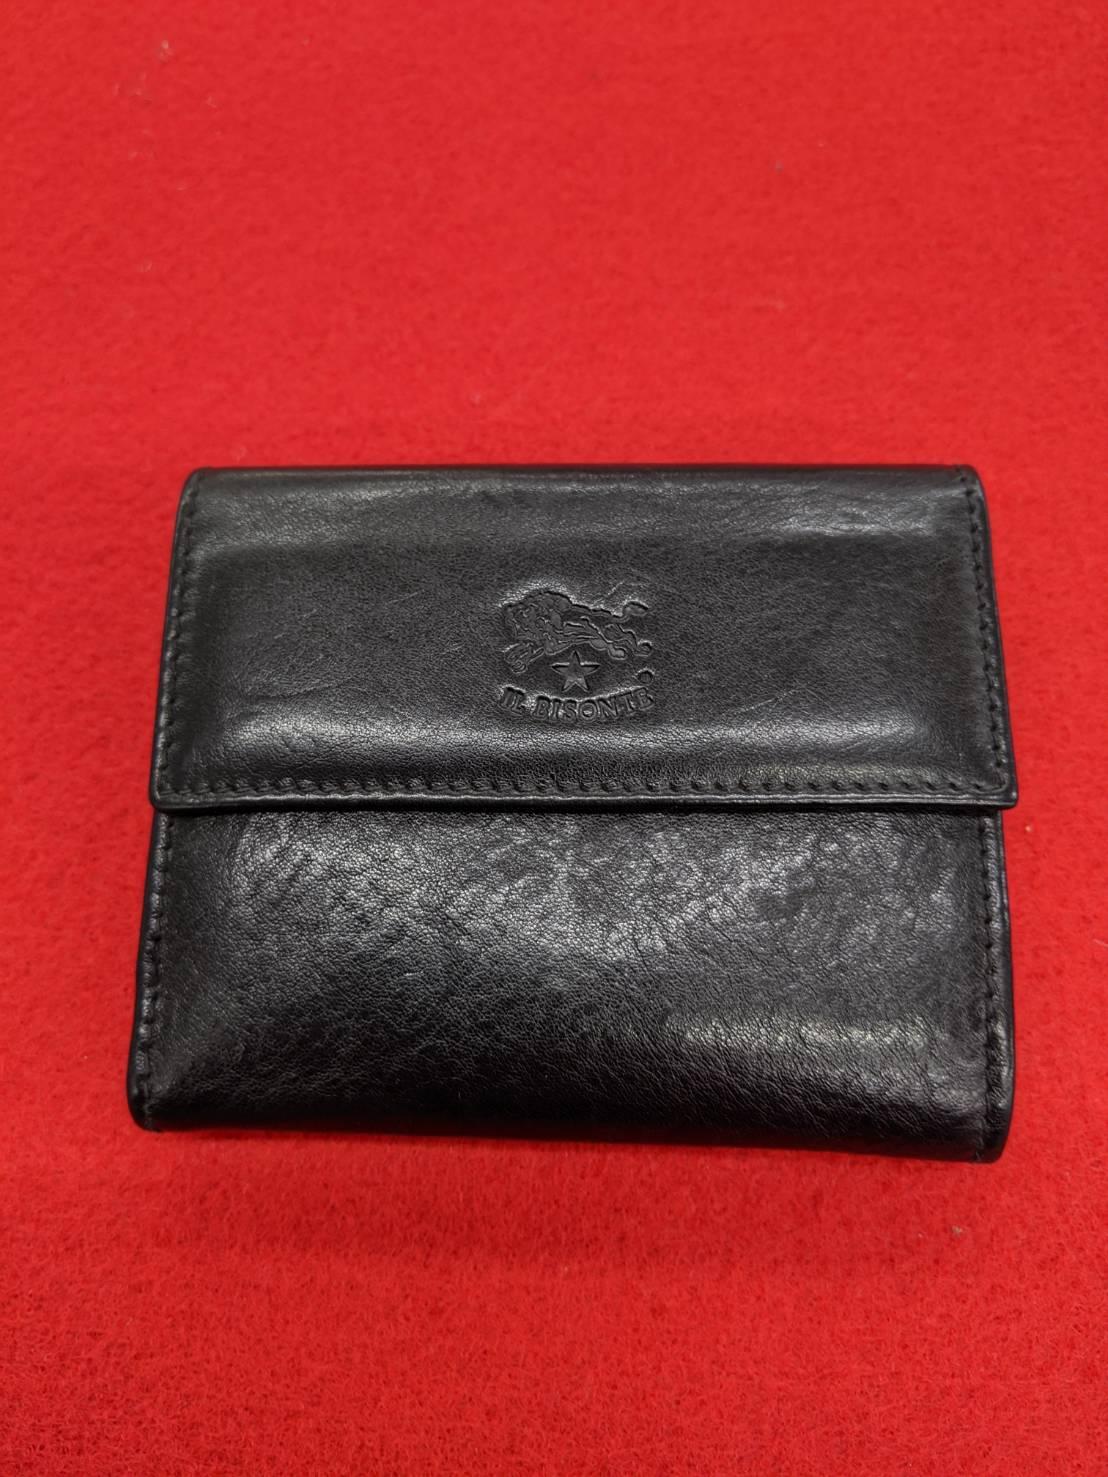 IL BISONTE(イル ビゾンテ) Wホック財布 買取致しました!!の買取-